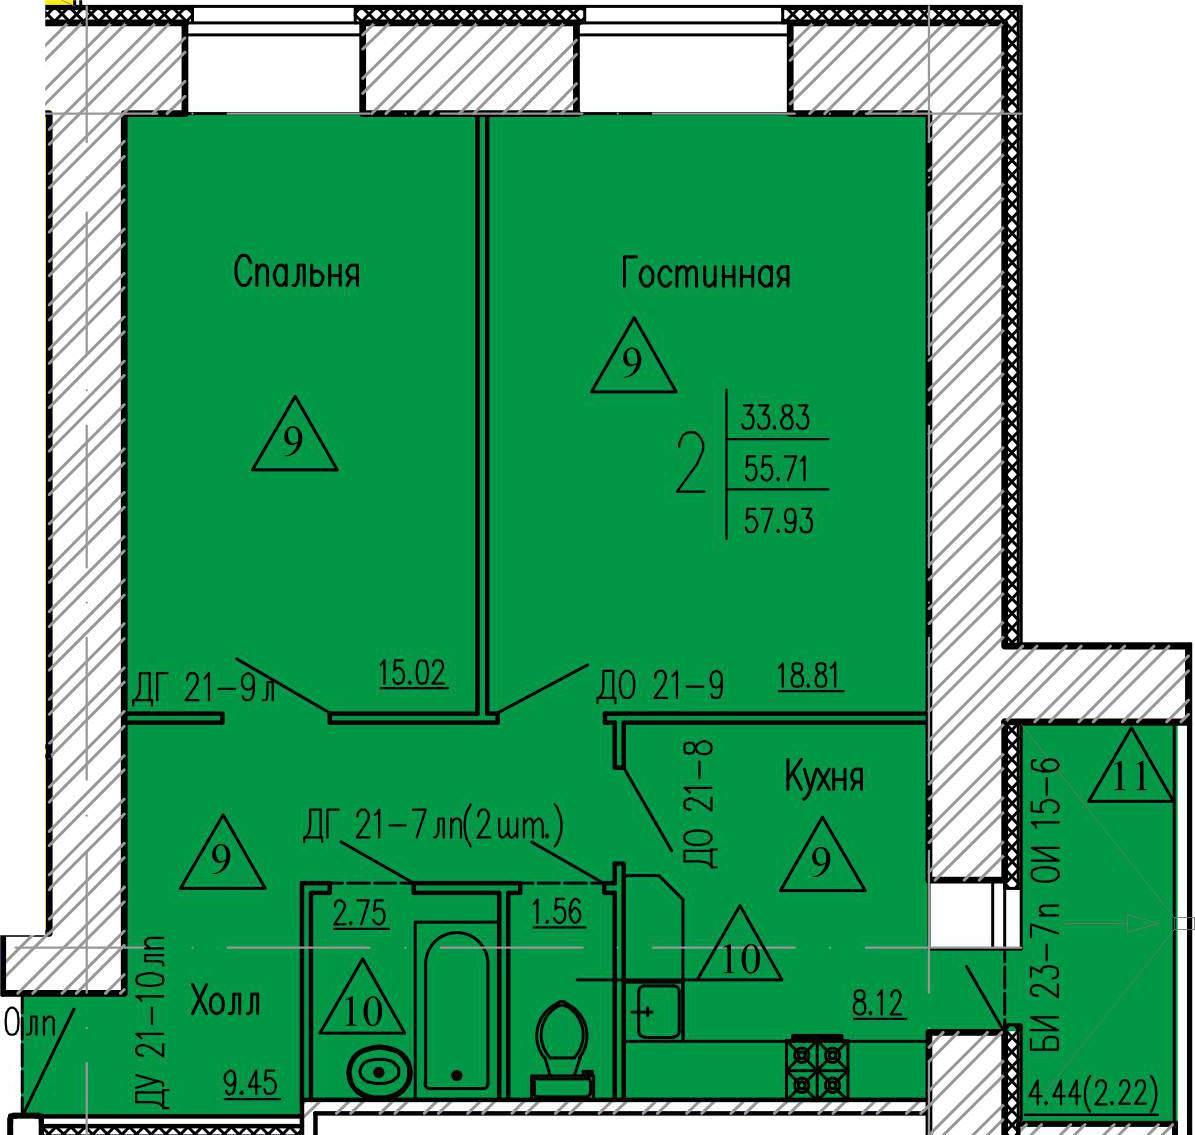 Просторная 2-комнатная квартира 57.93 м² с балконом